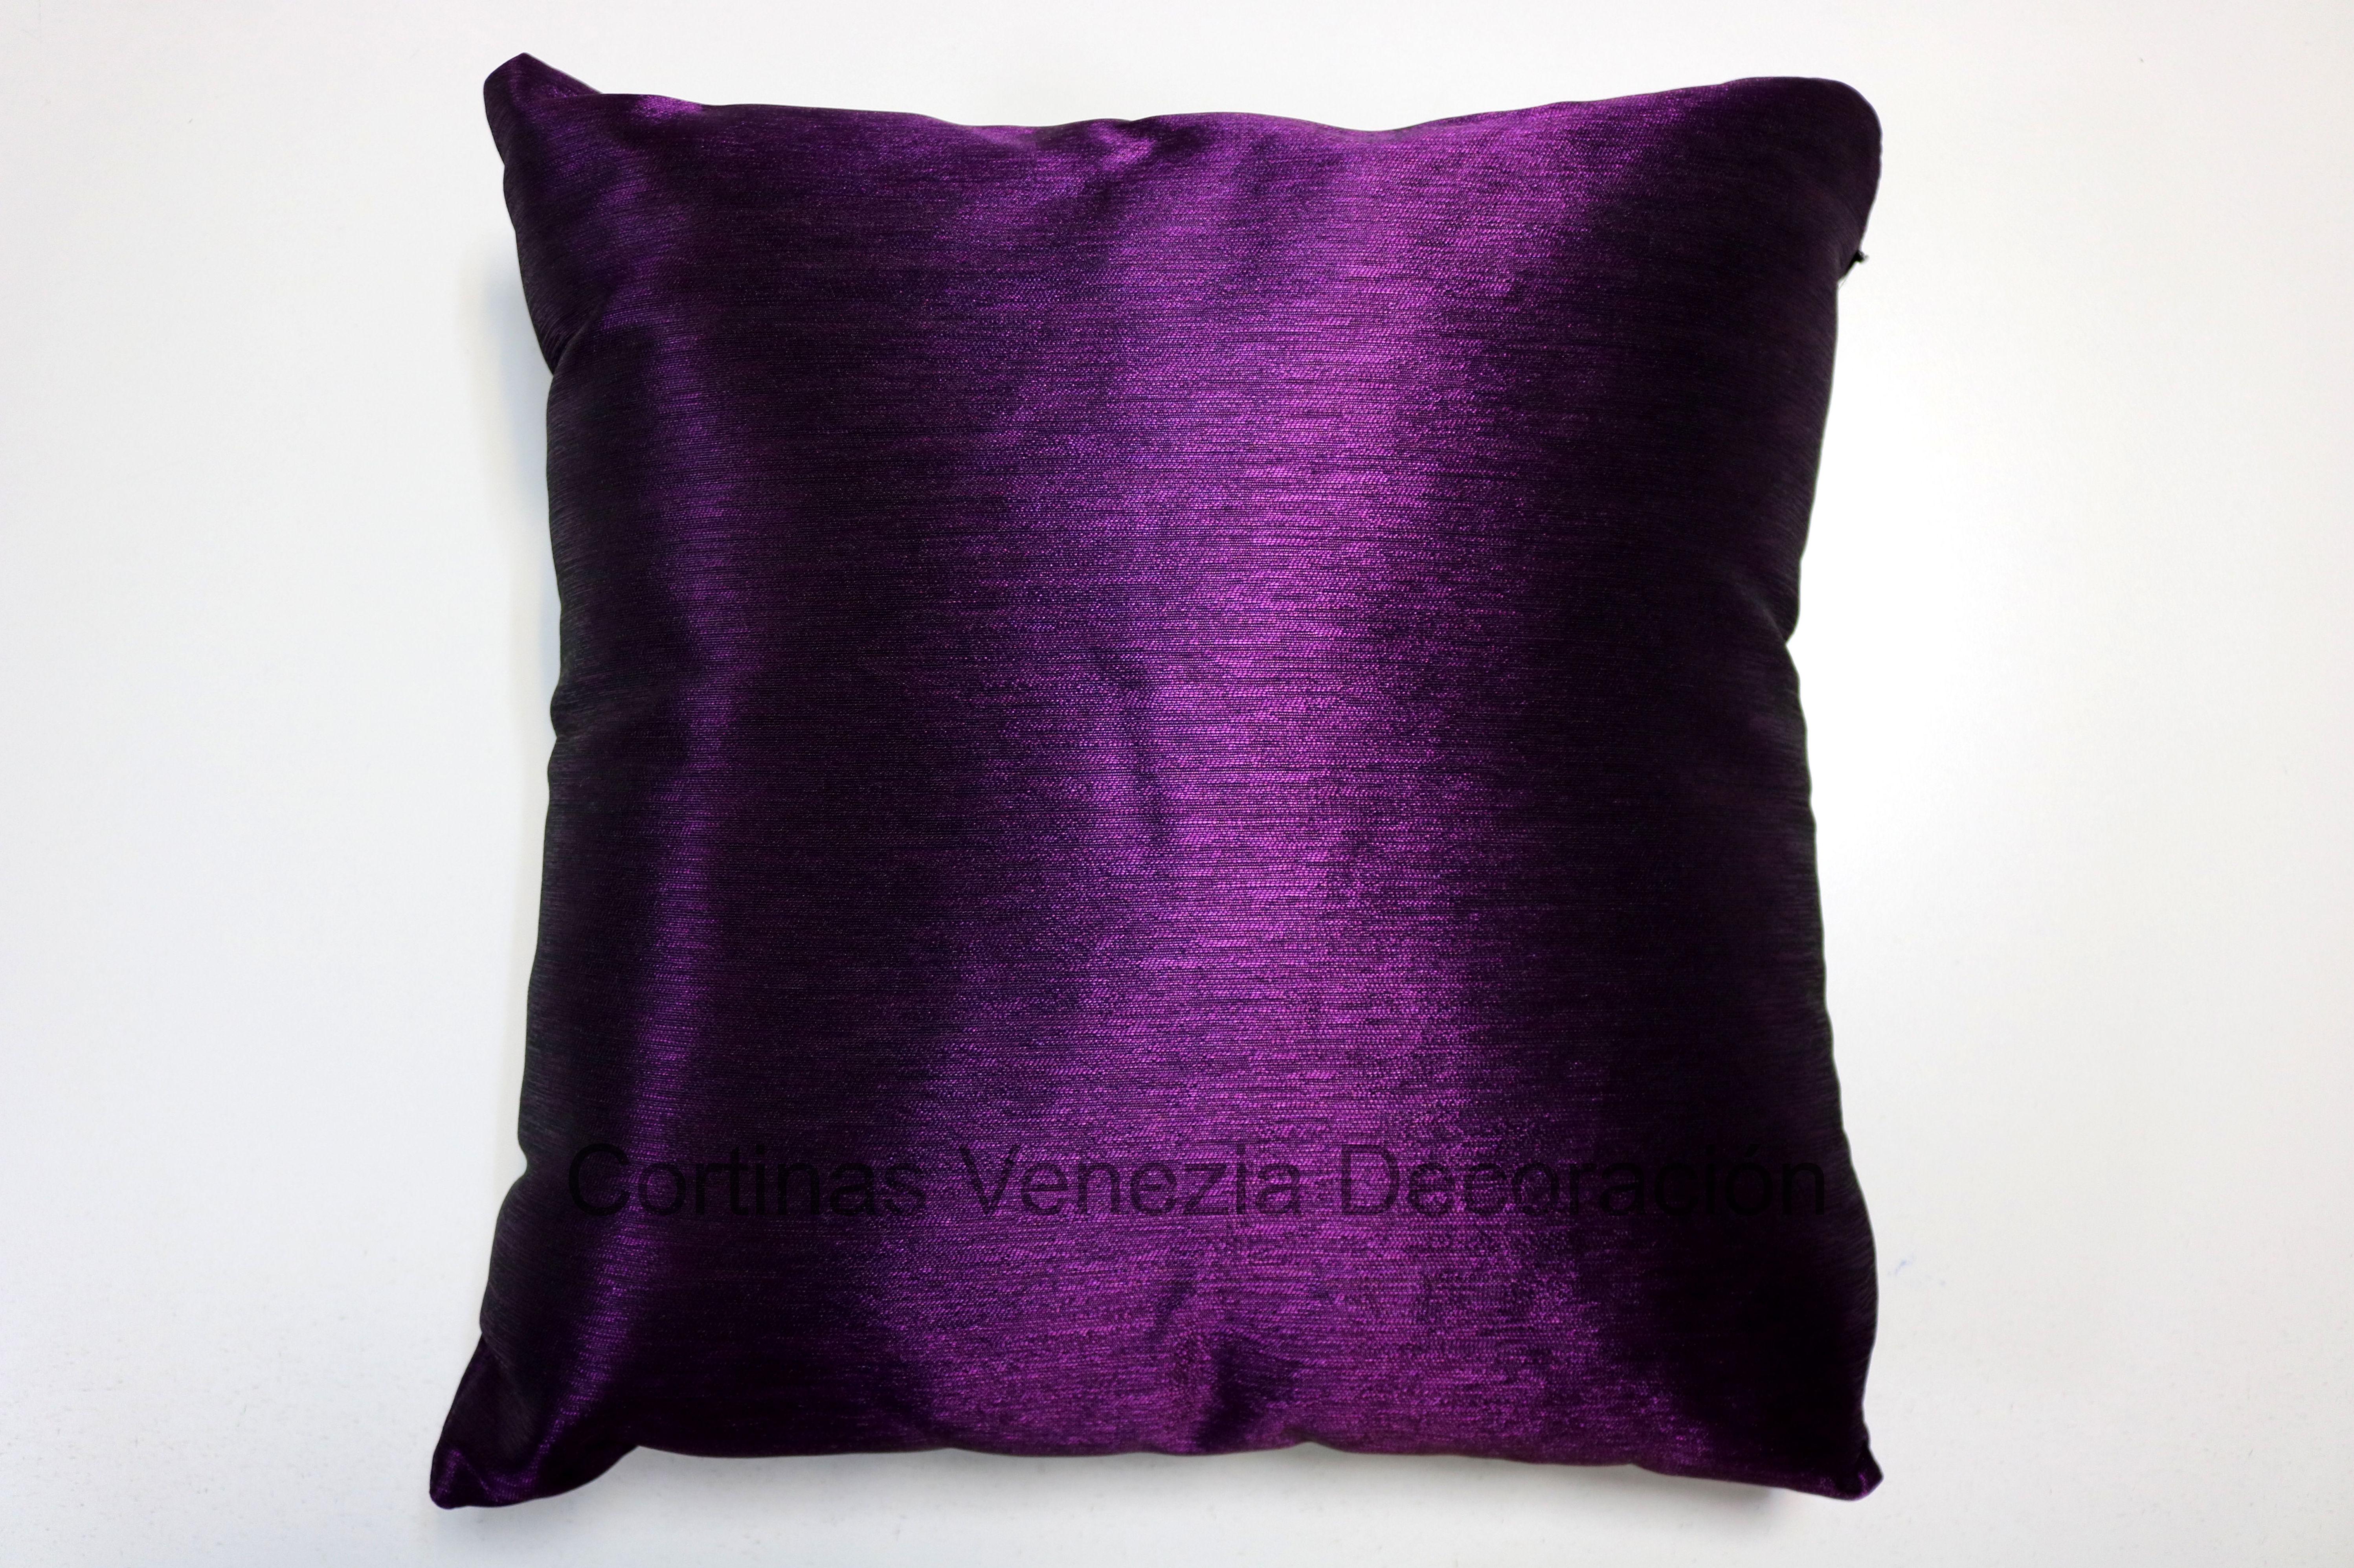 Purple: Catálogo de Venezia Decoración